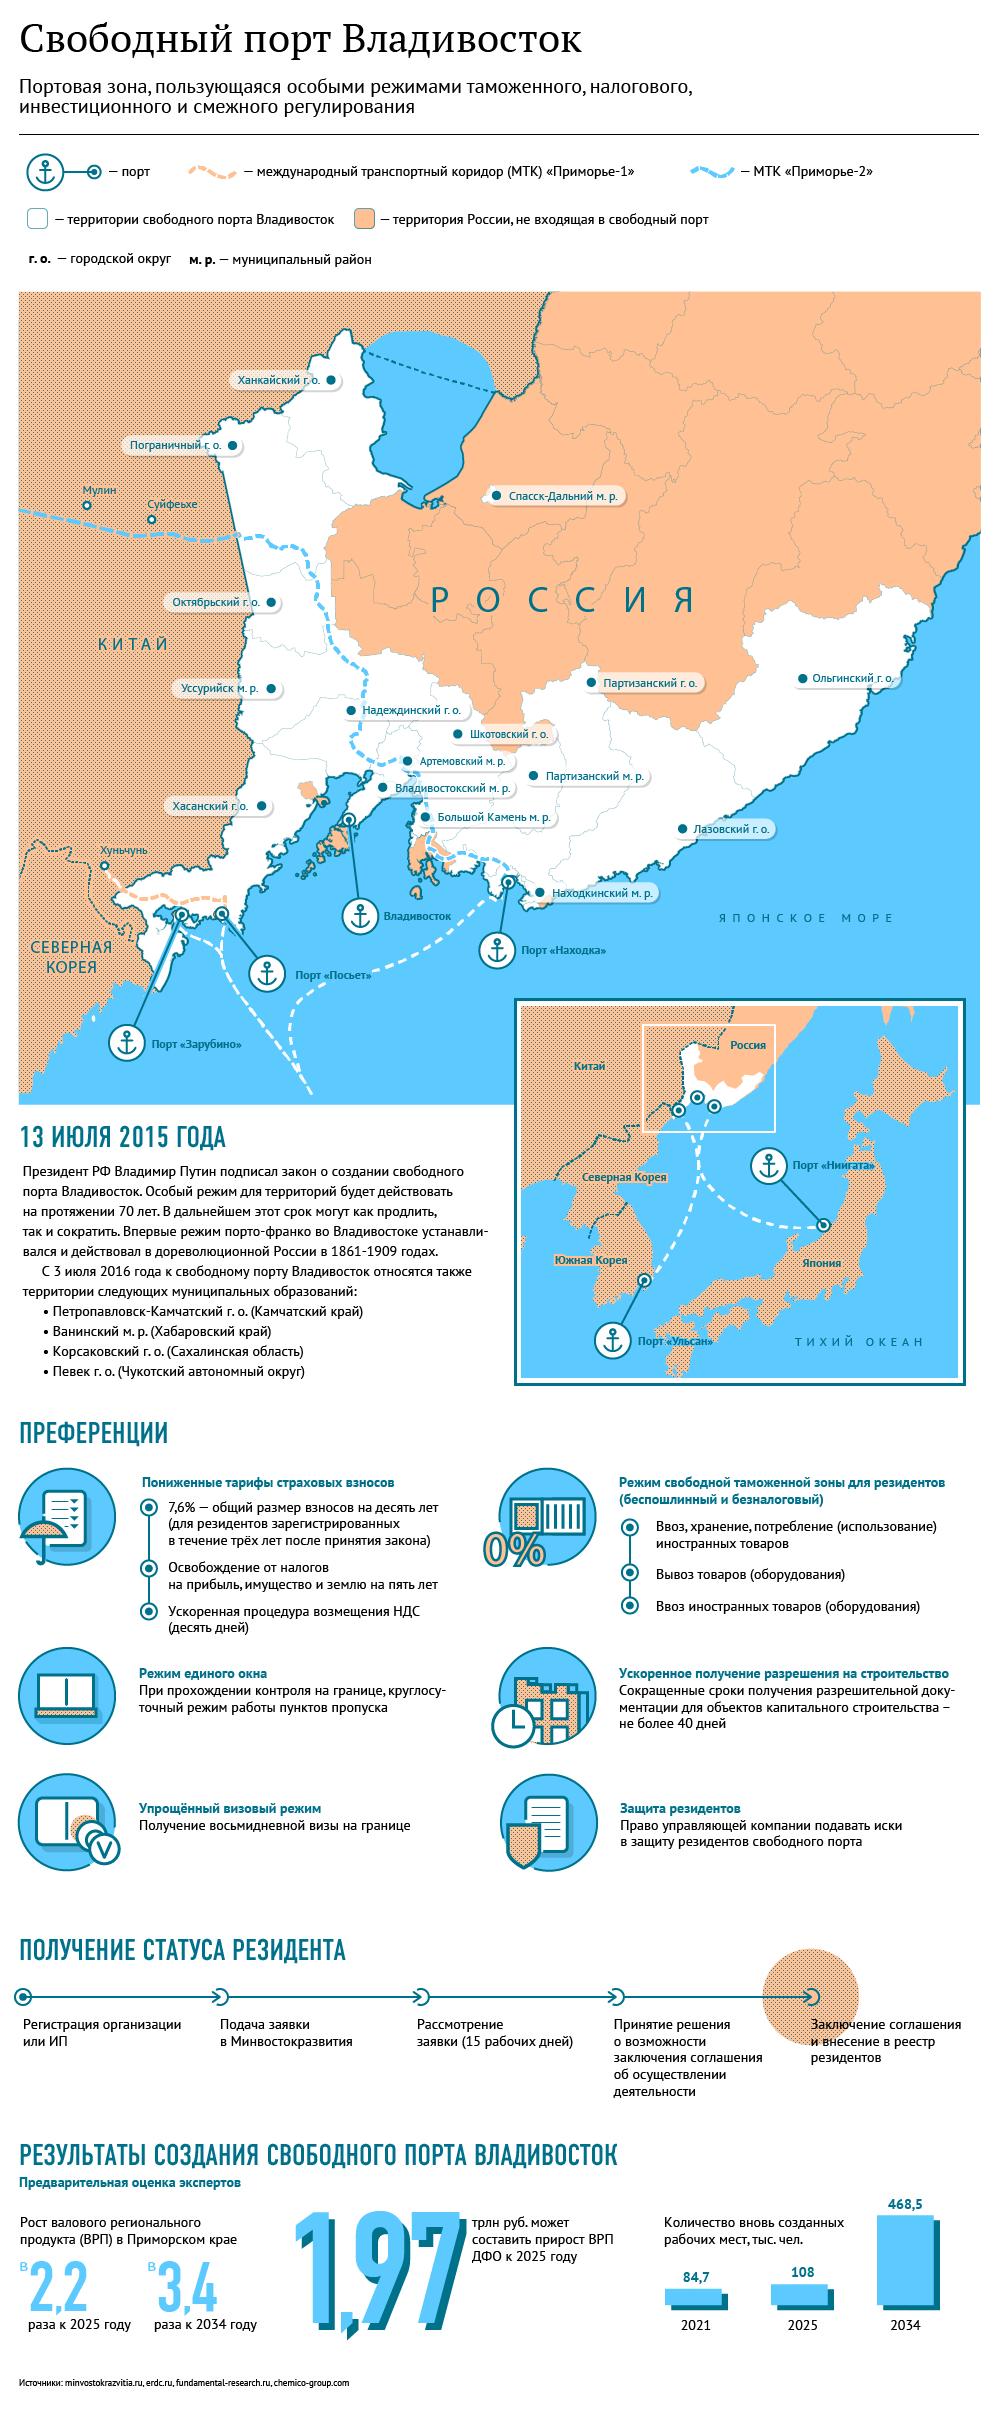 Свободный порт Владивосток